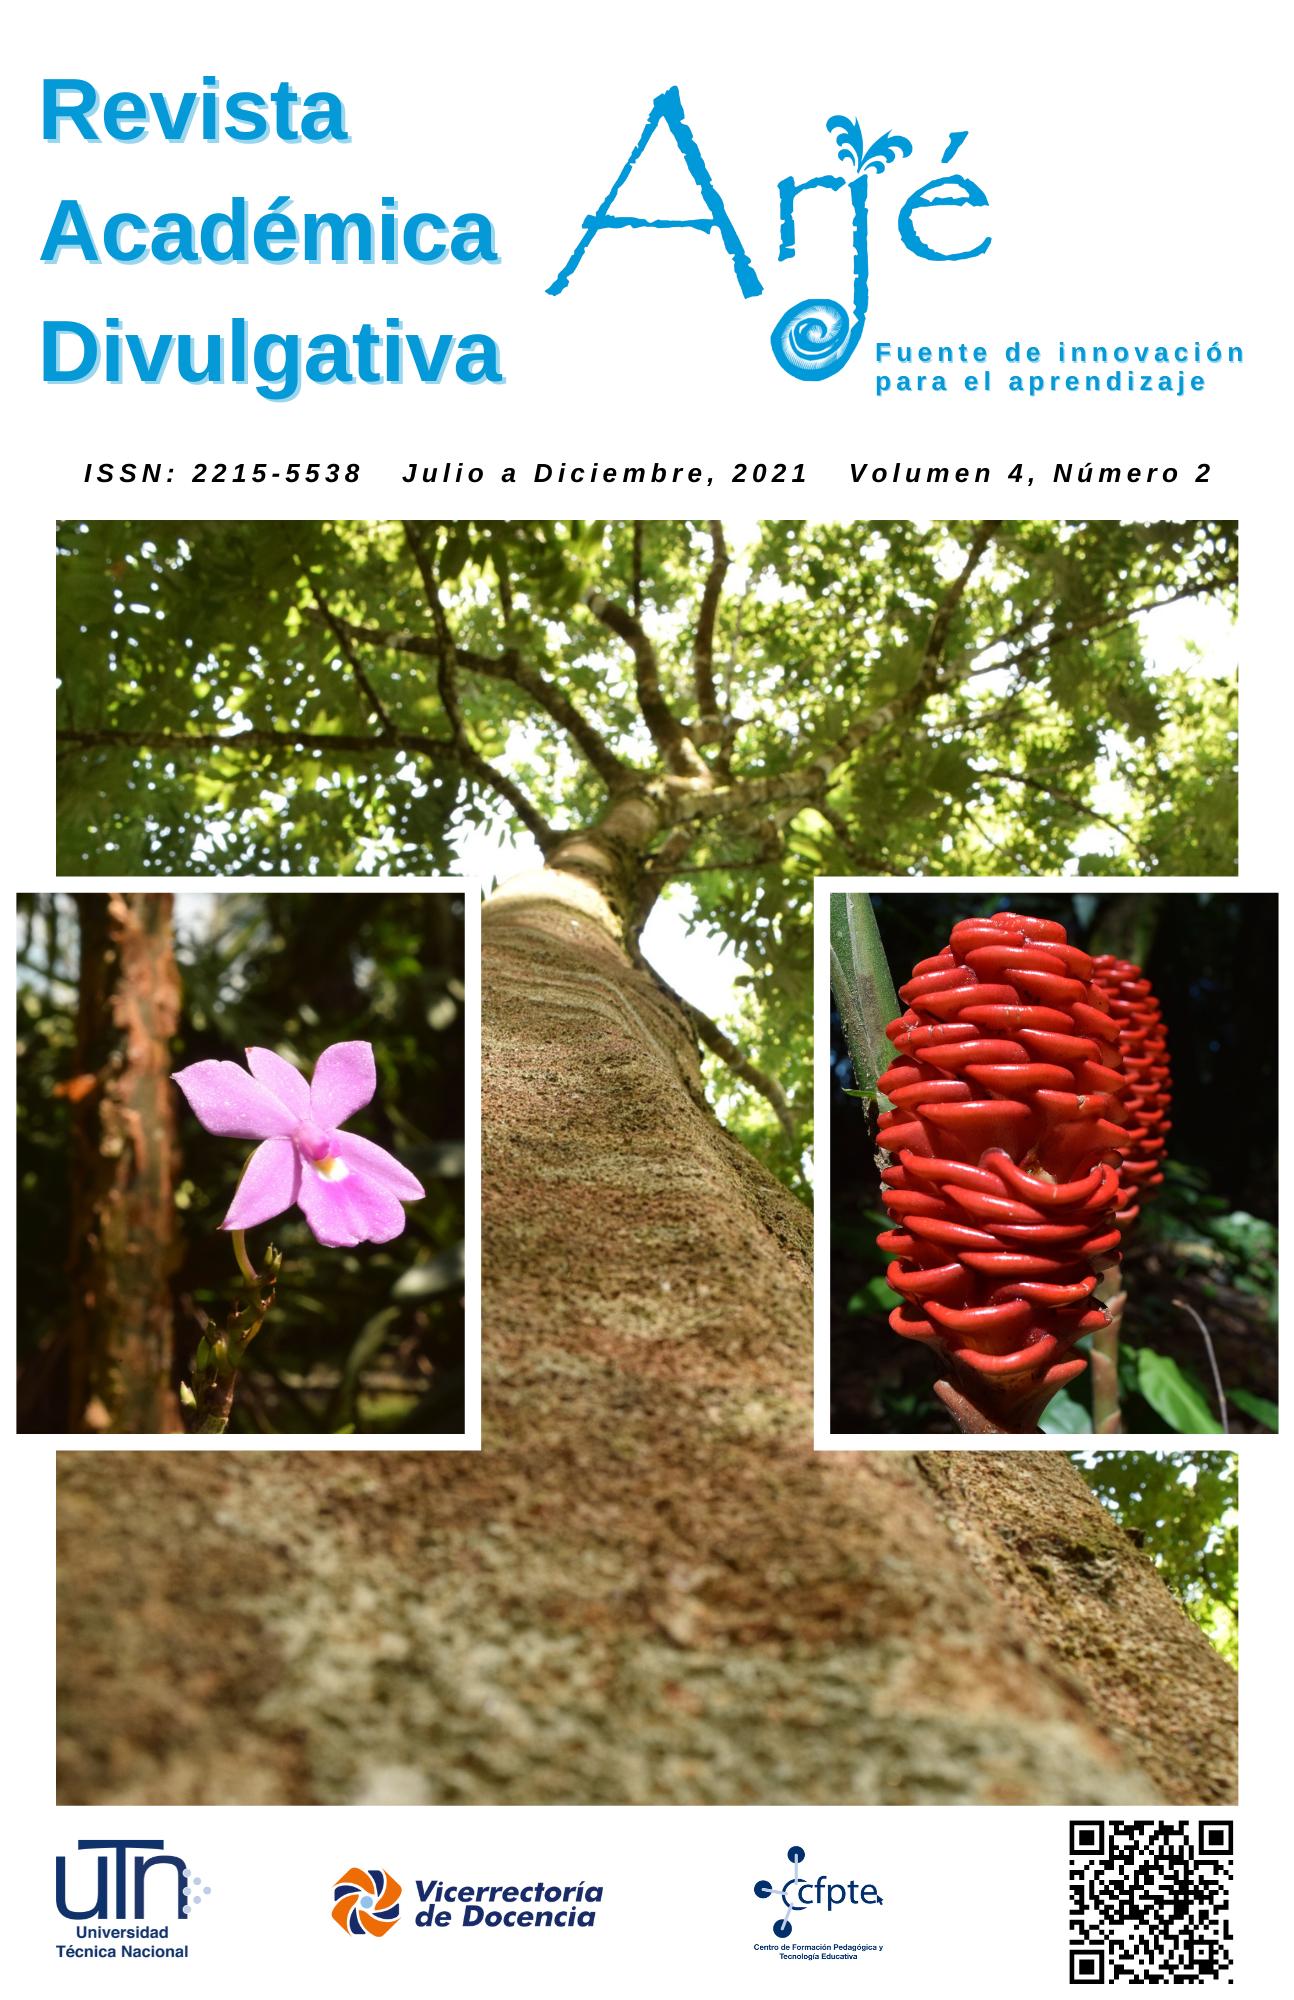 Imagen de la portada de la revista con la fuente de fondo